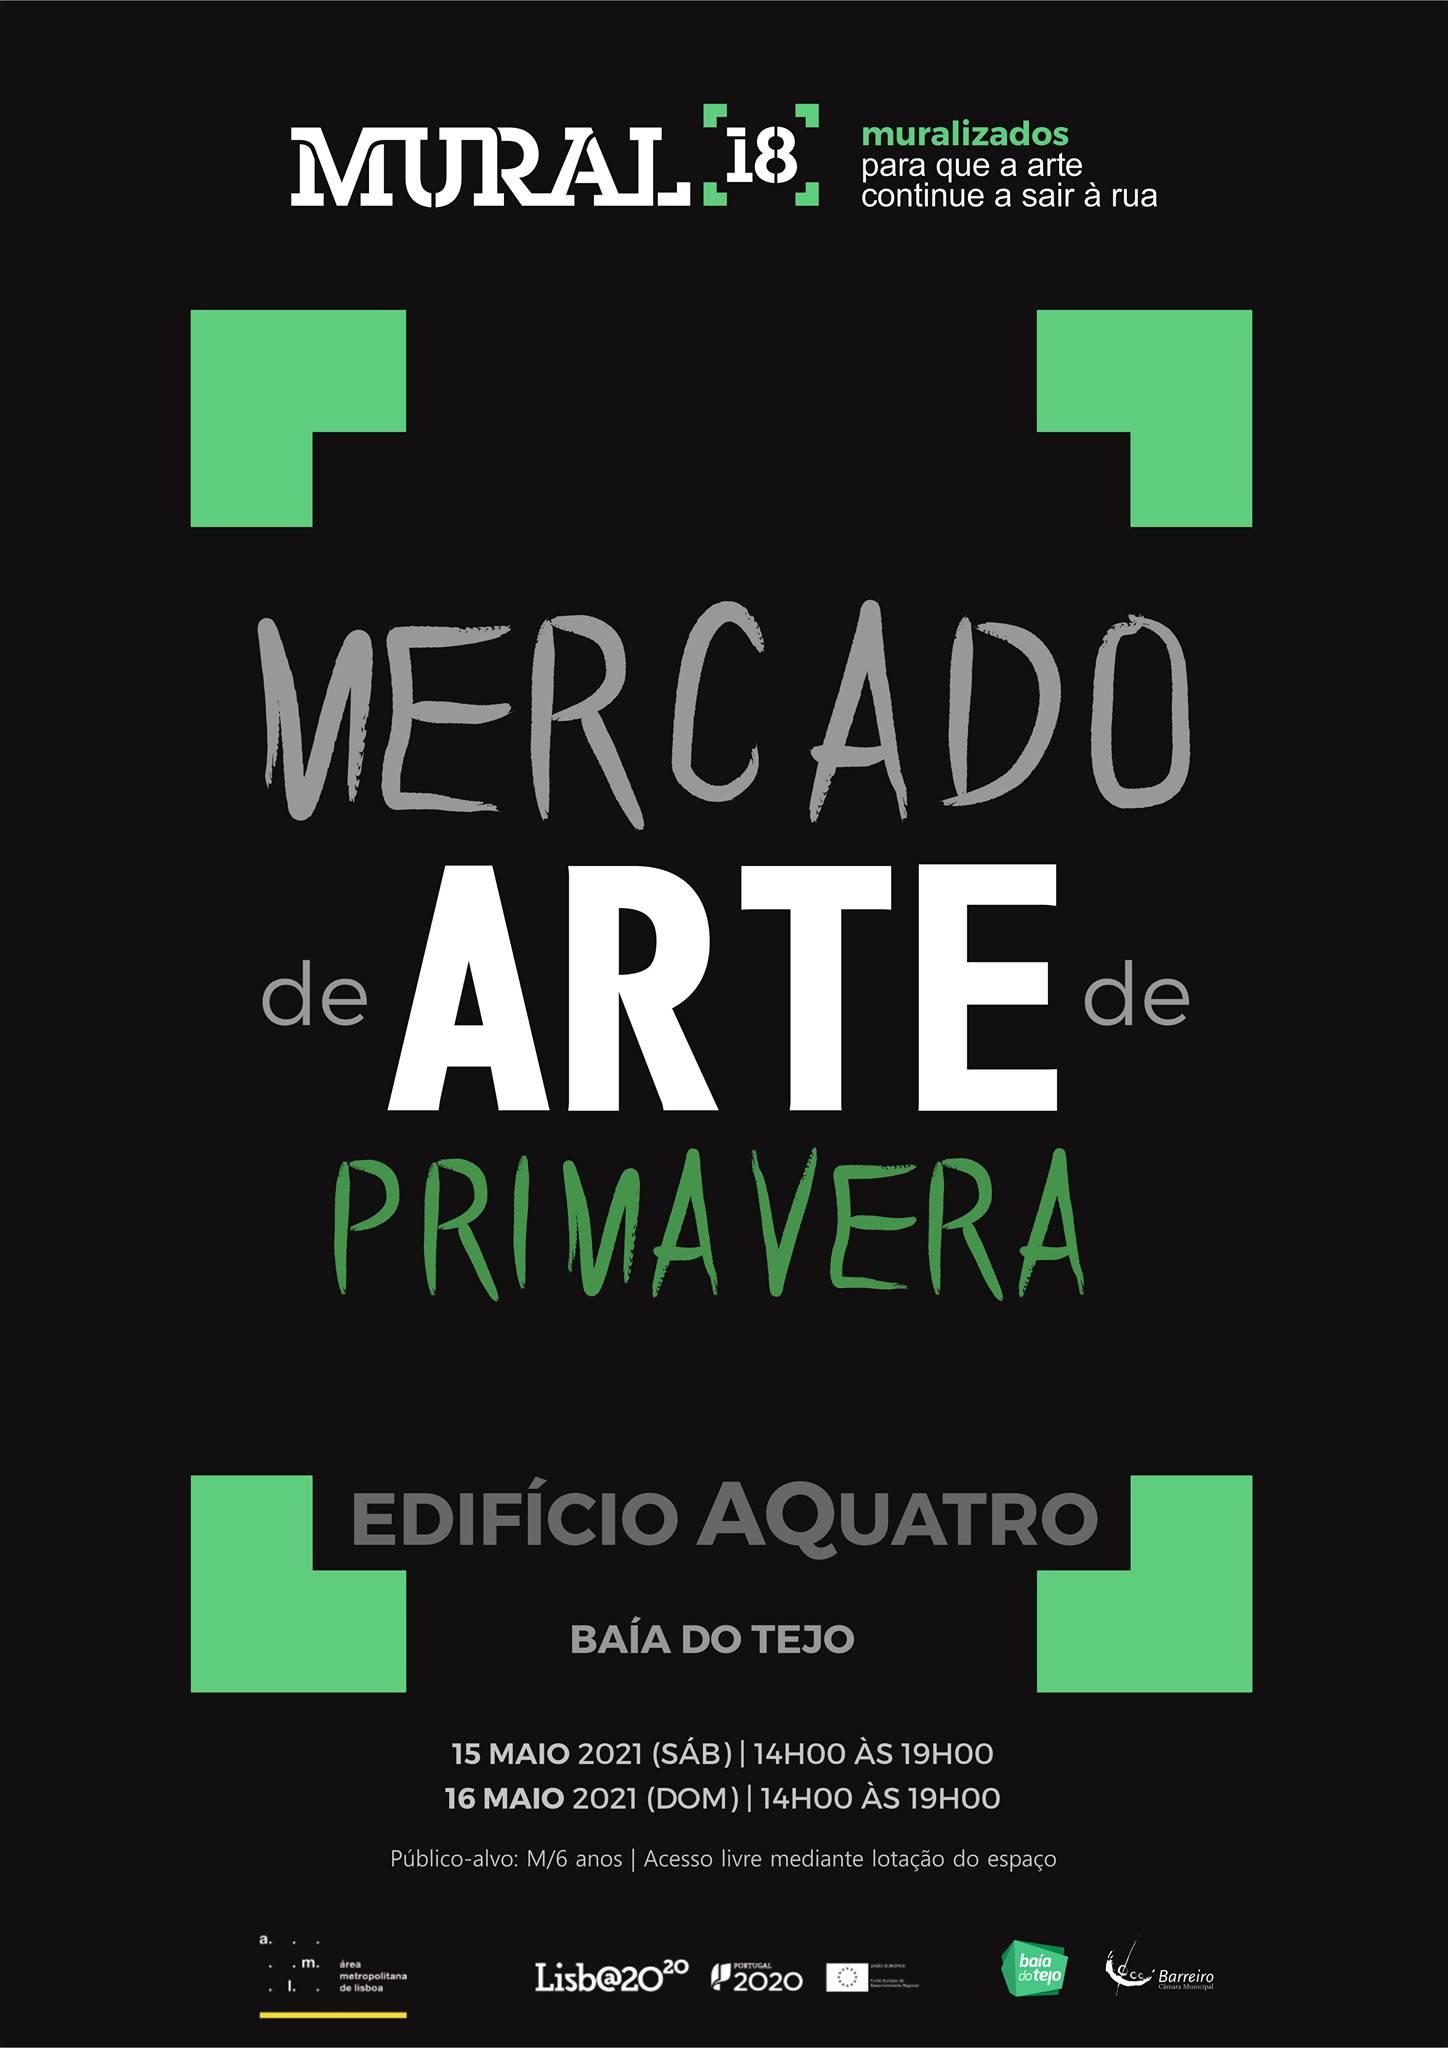 Programação em Rede MURAL 18 | Mercado de Arte de Primavera